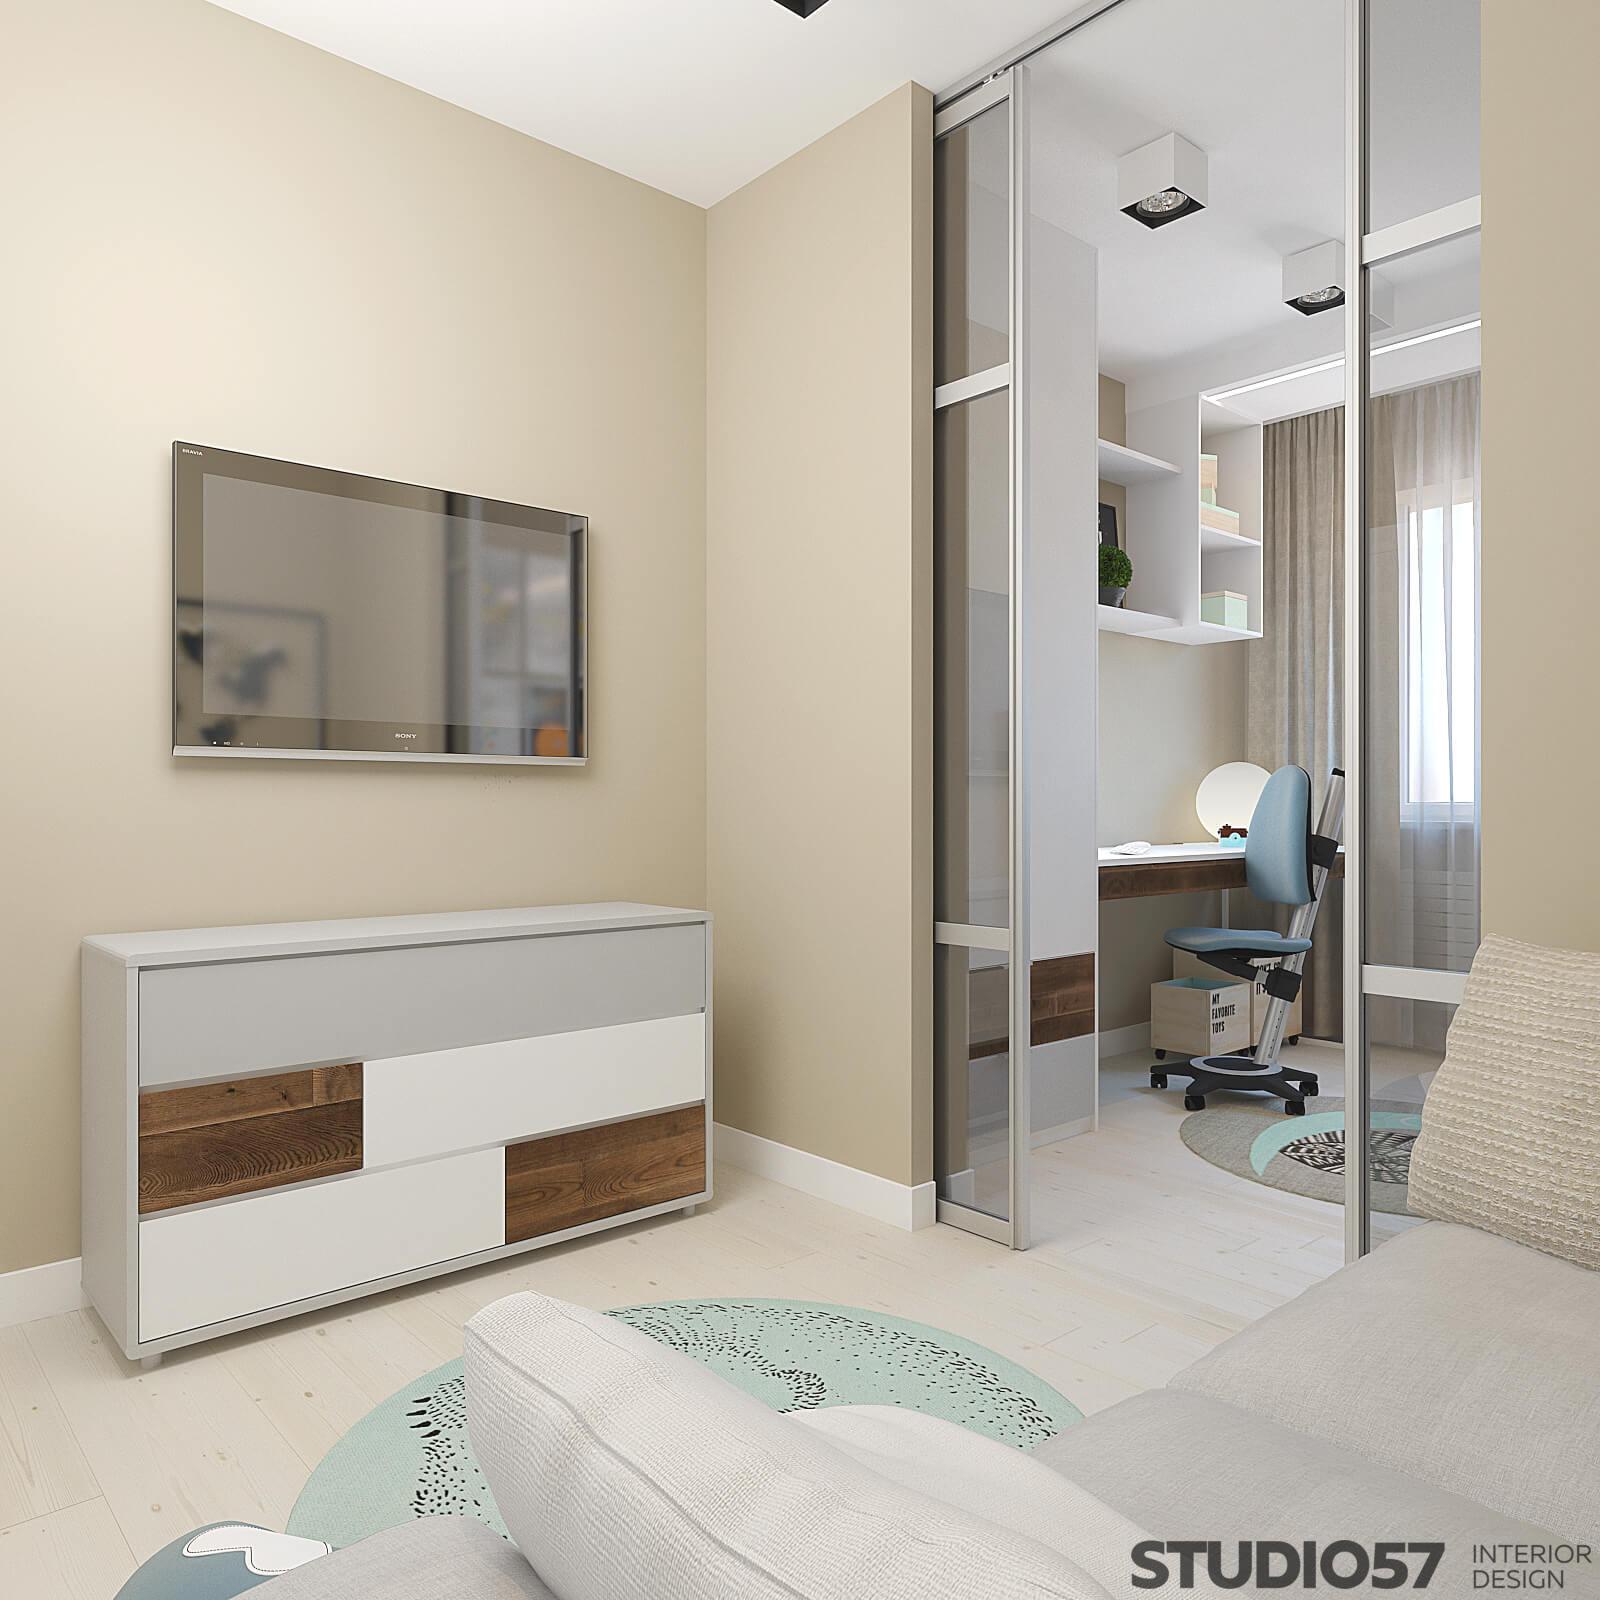 Зеркальные раздвижные двери в комнате